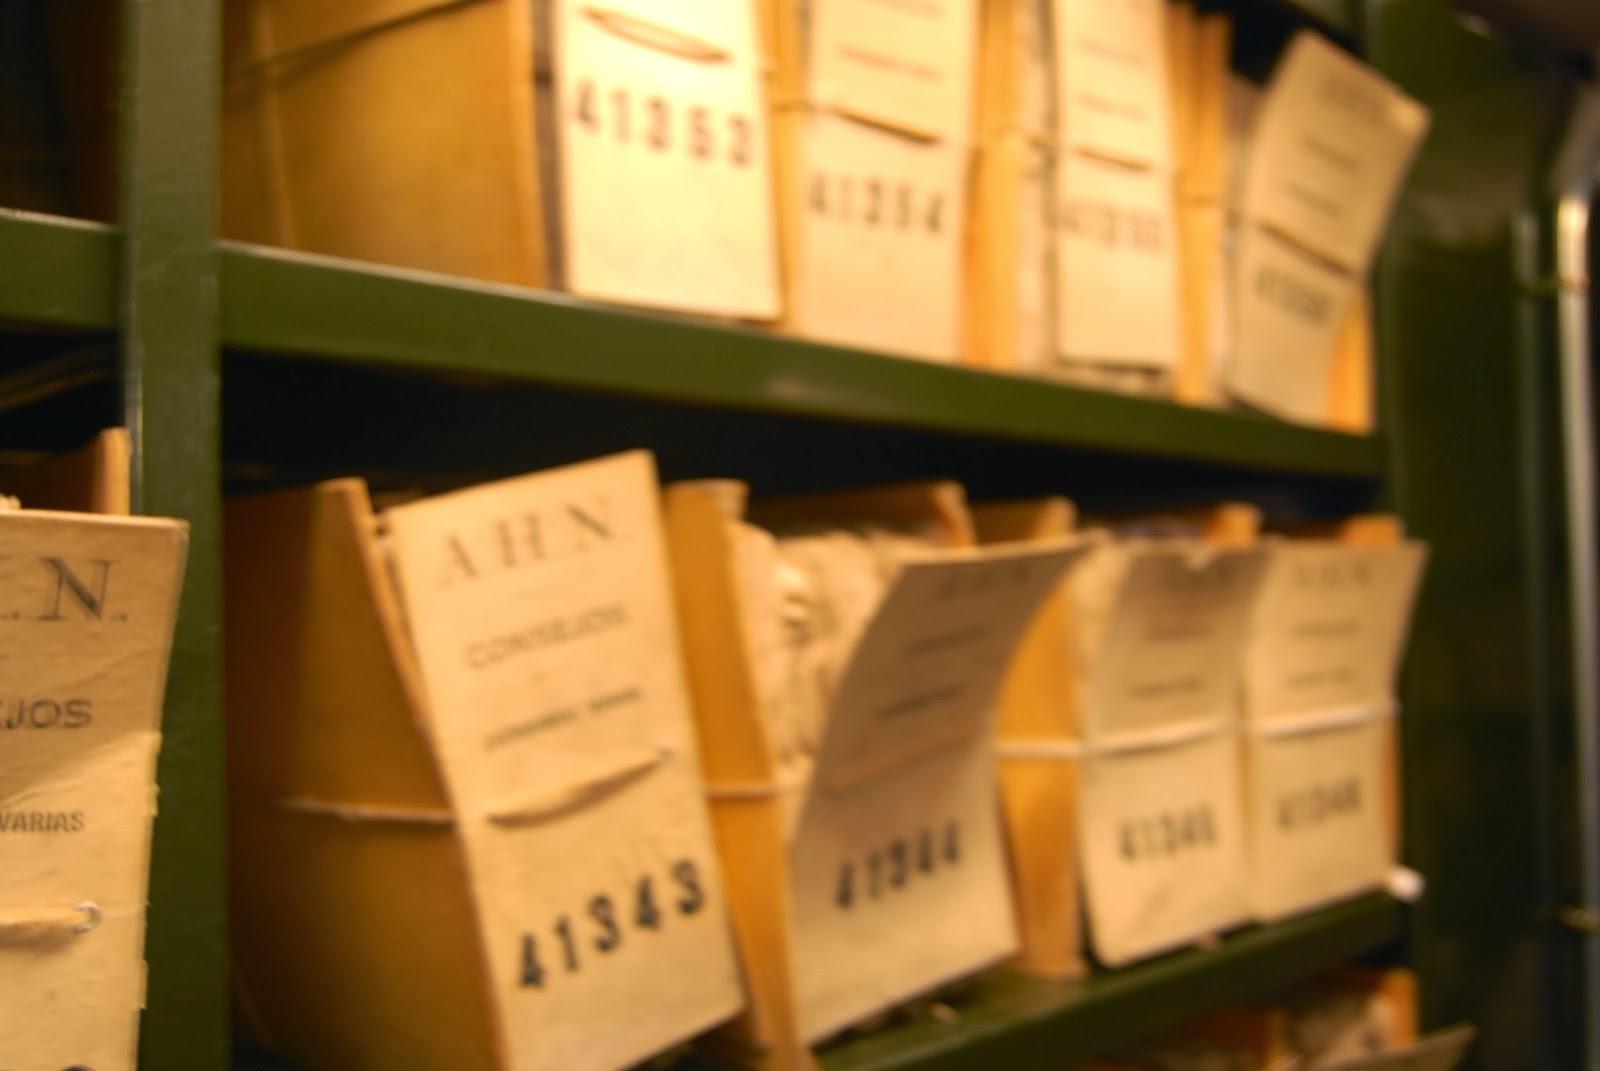 Archivistica